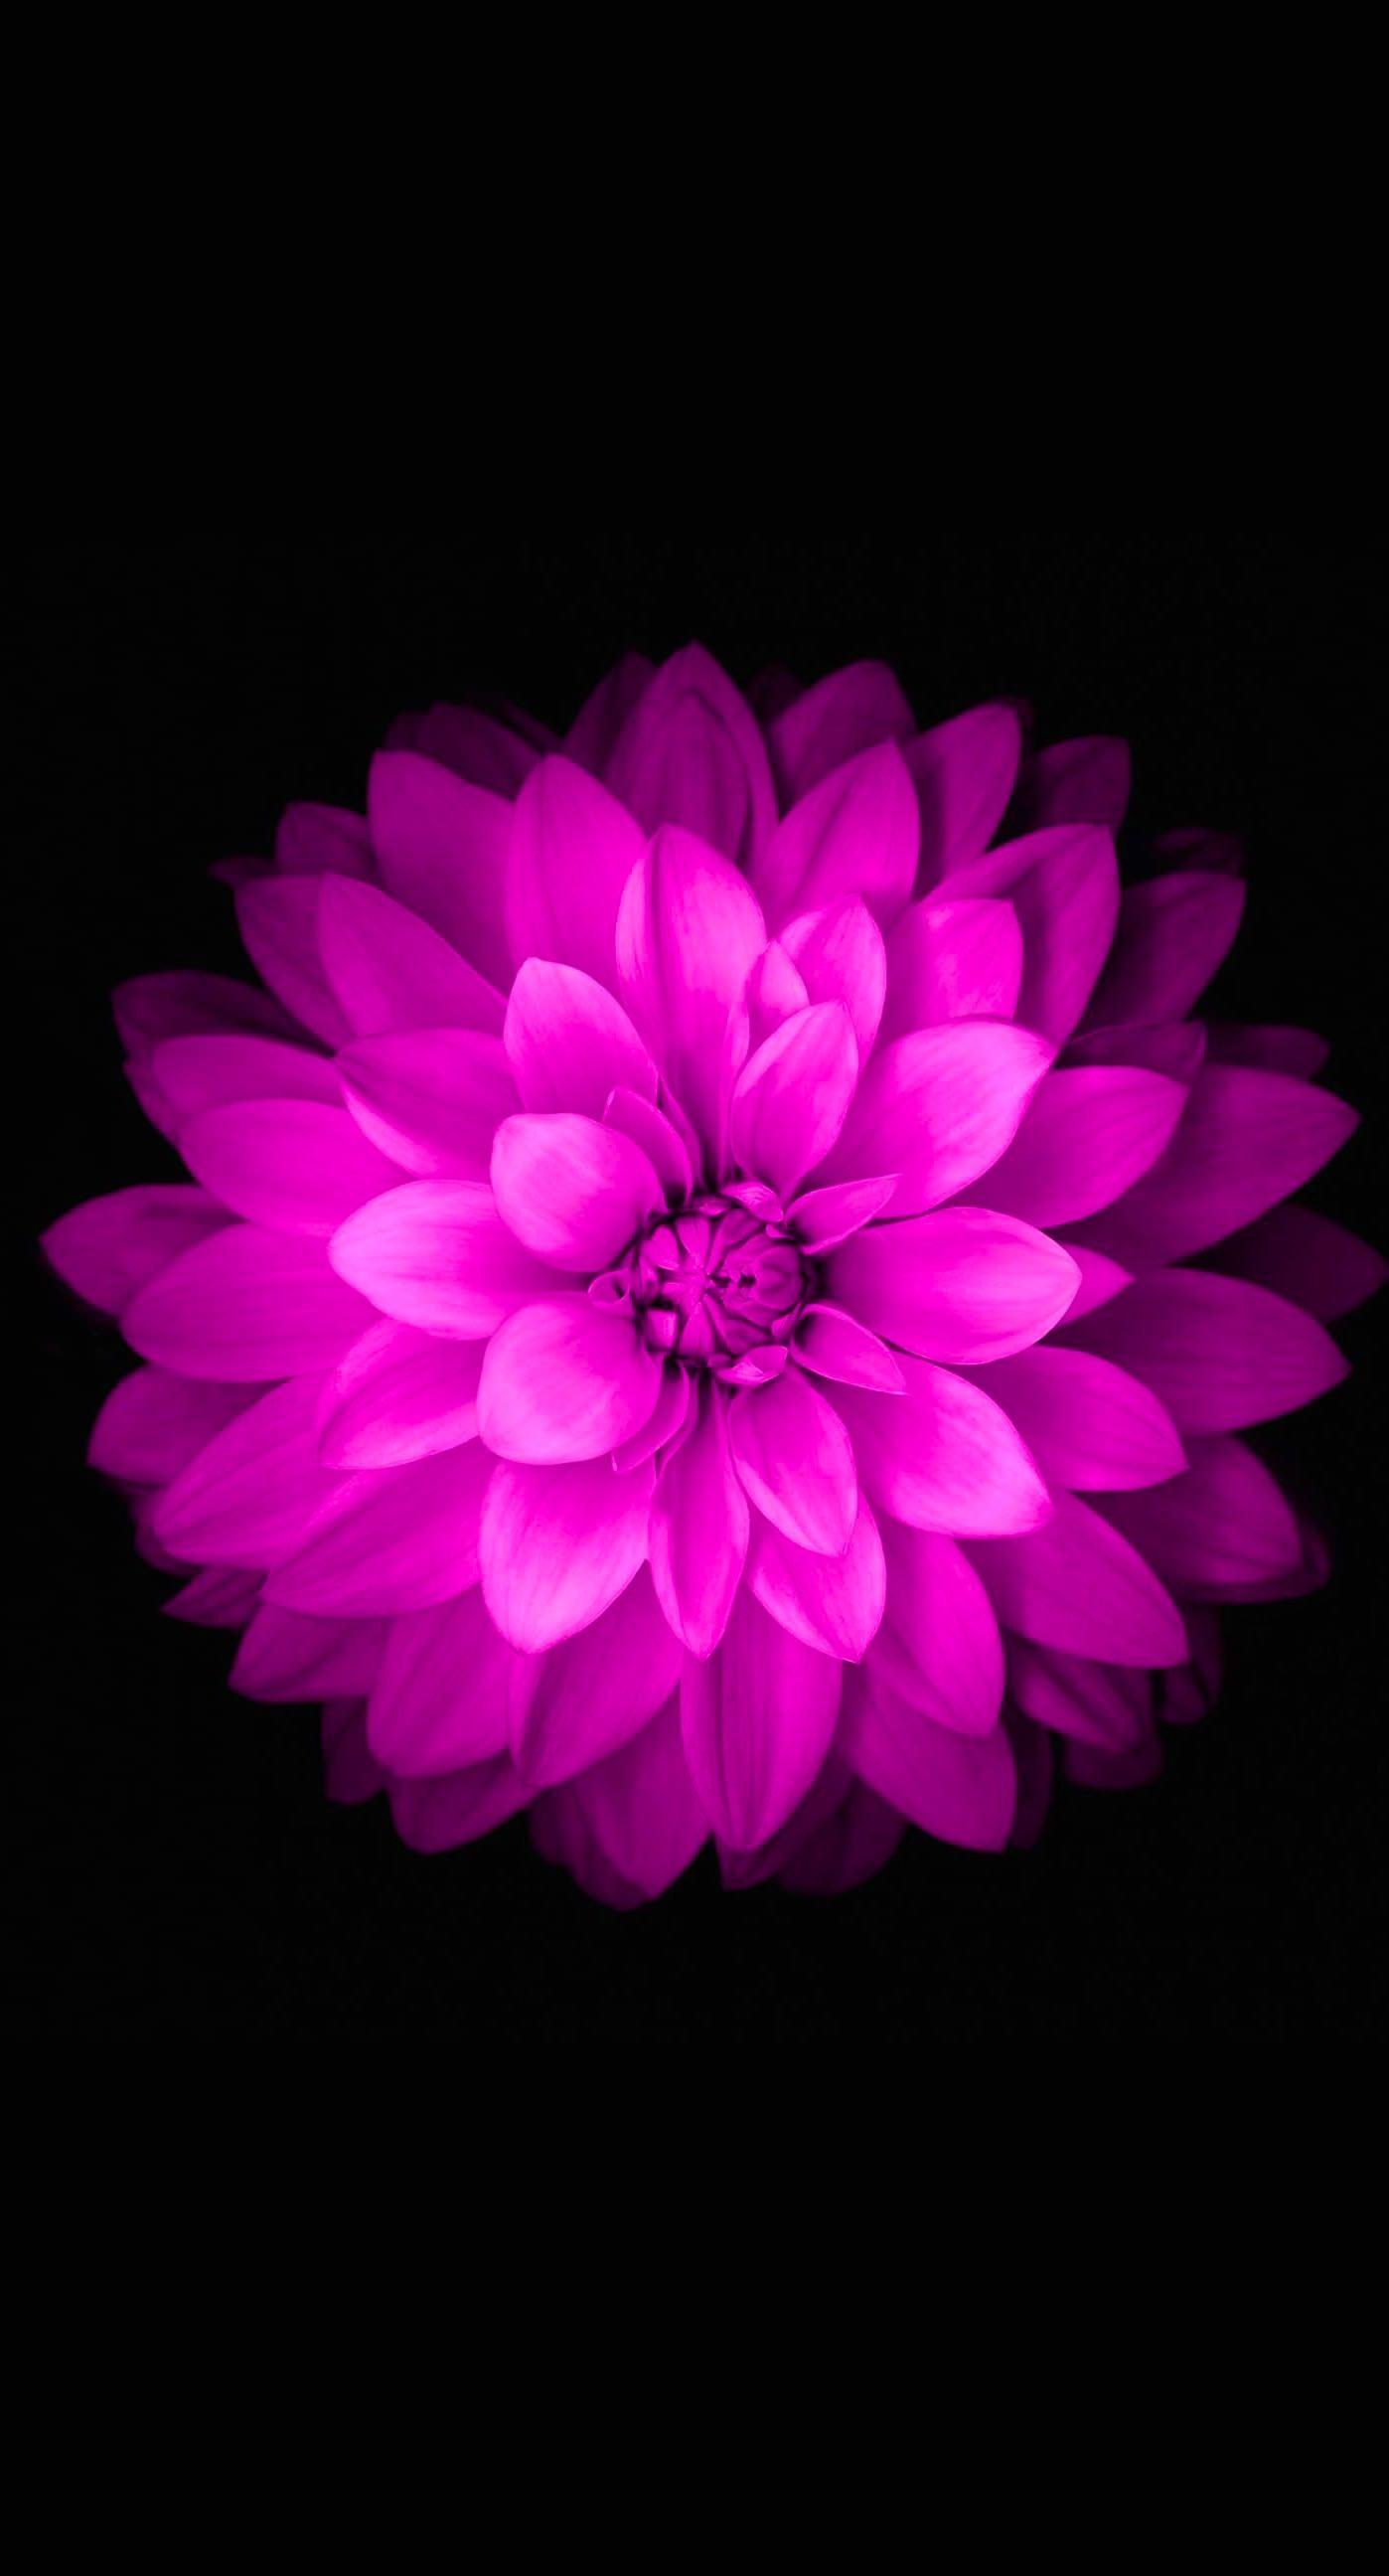 Purple Flower Wallpaper for iPhone – WallpaperSafari